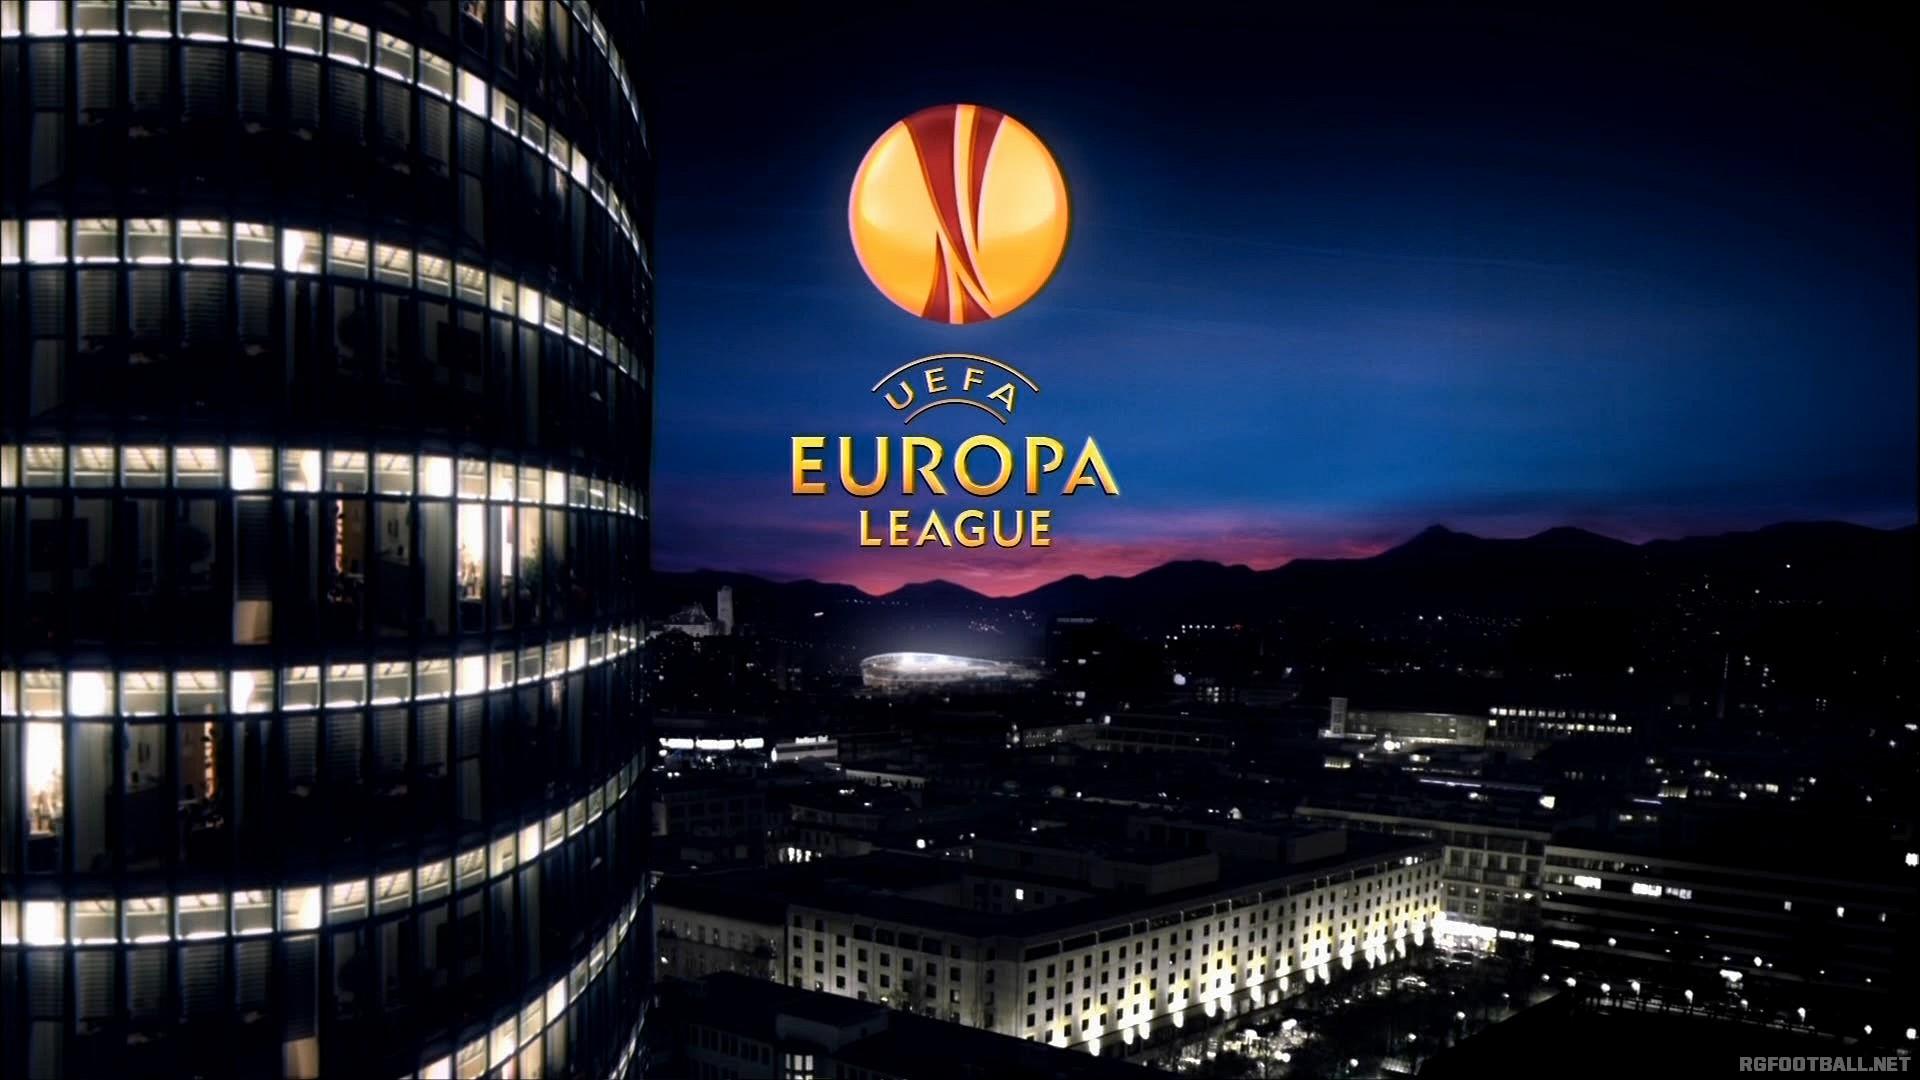 Обои для рабочего стола лига европы